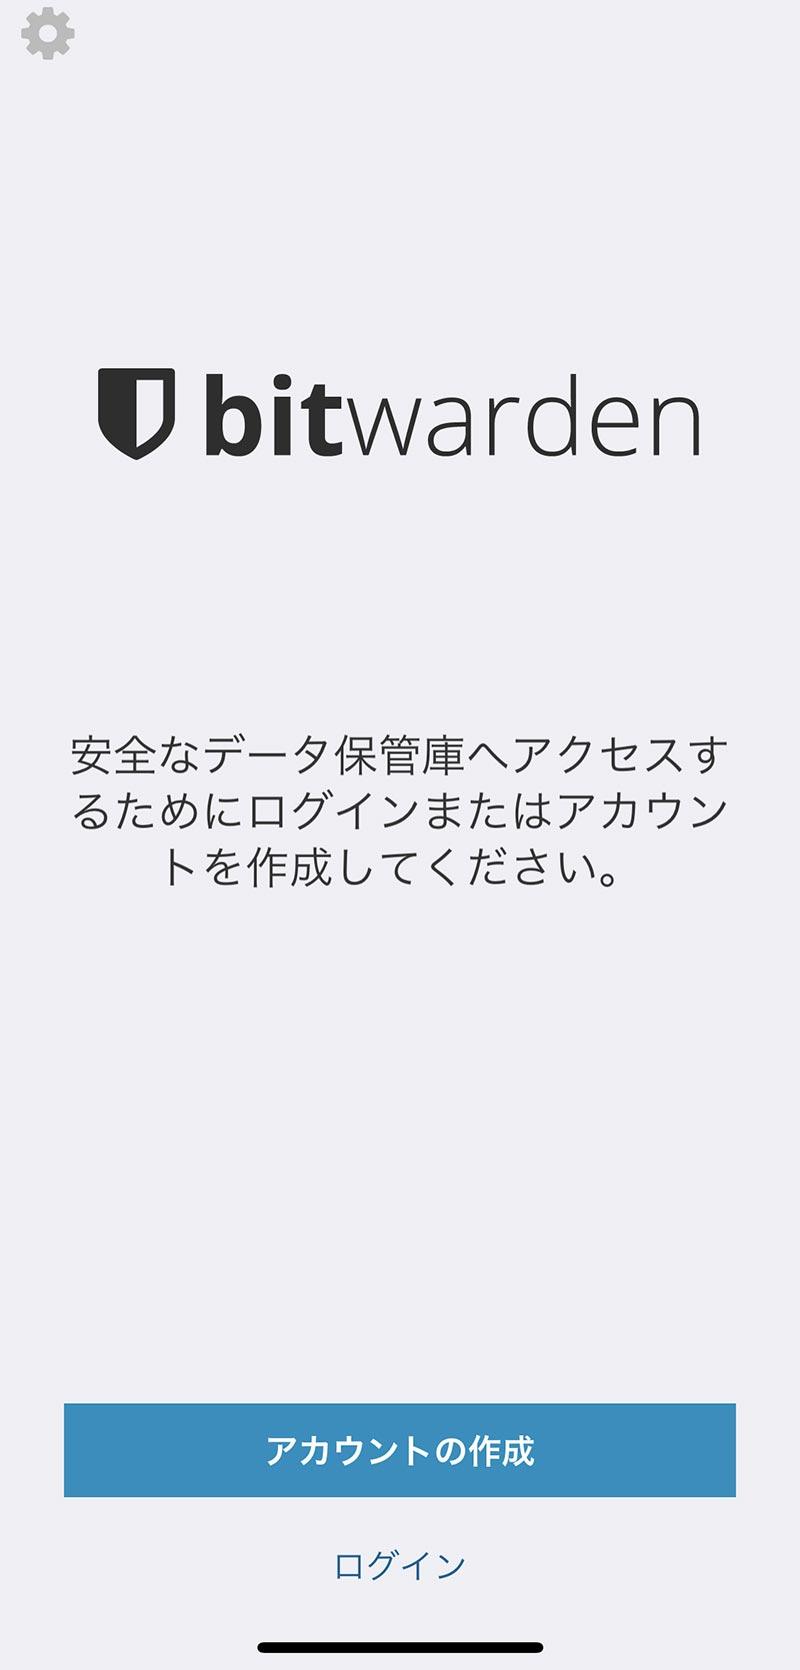 アプリ版 Bitwarden 起動時ページ